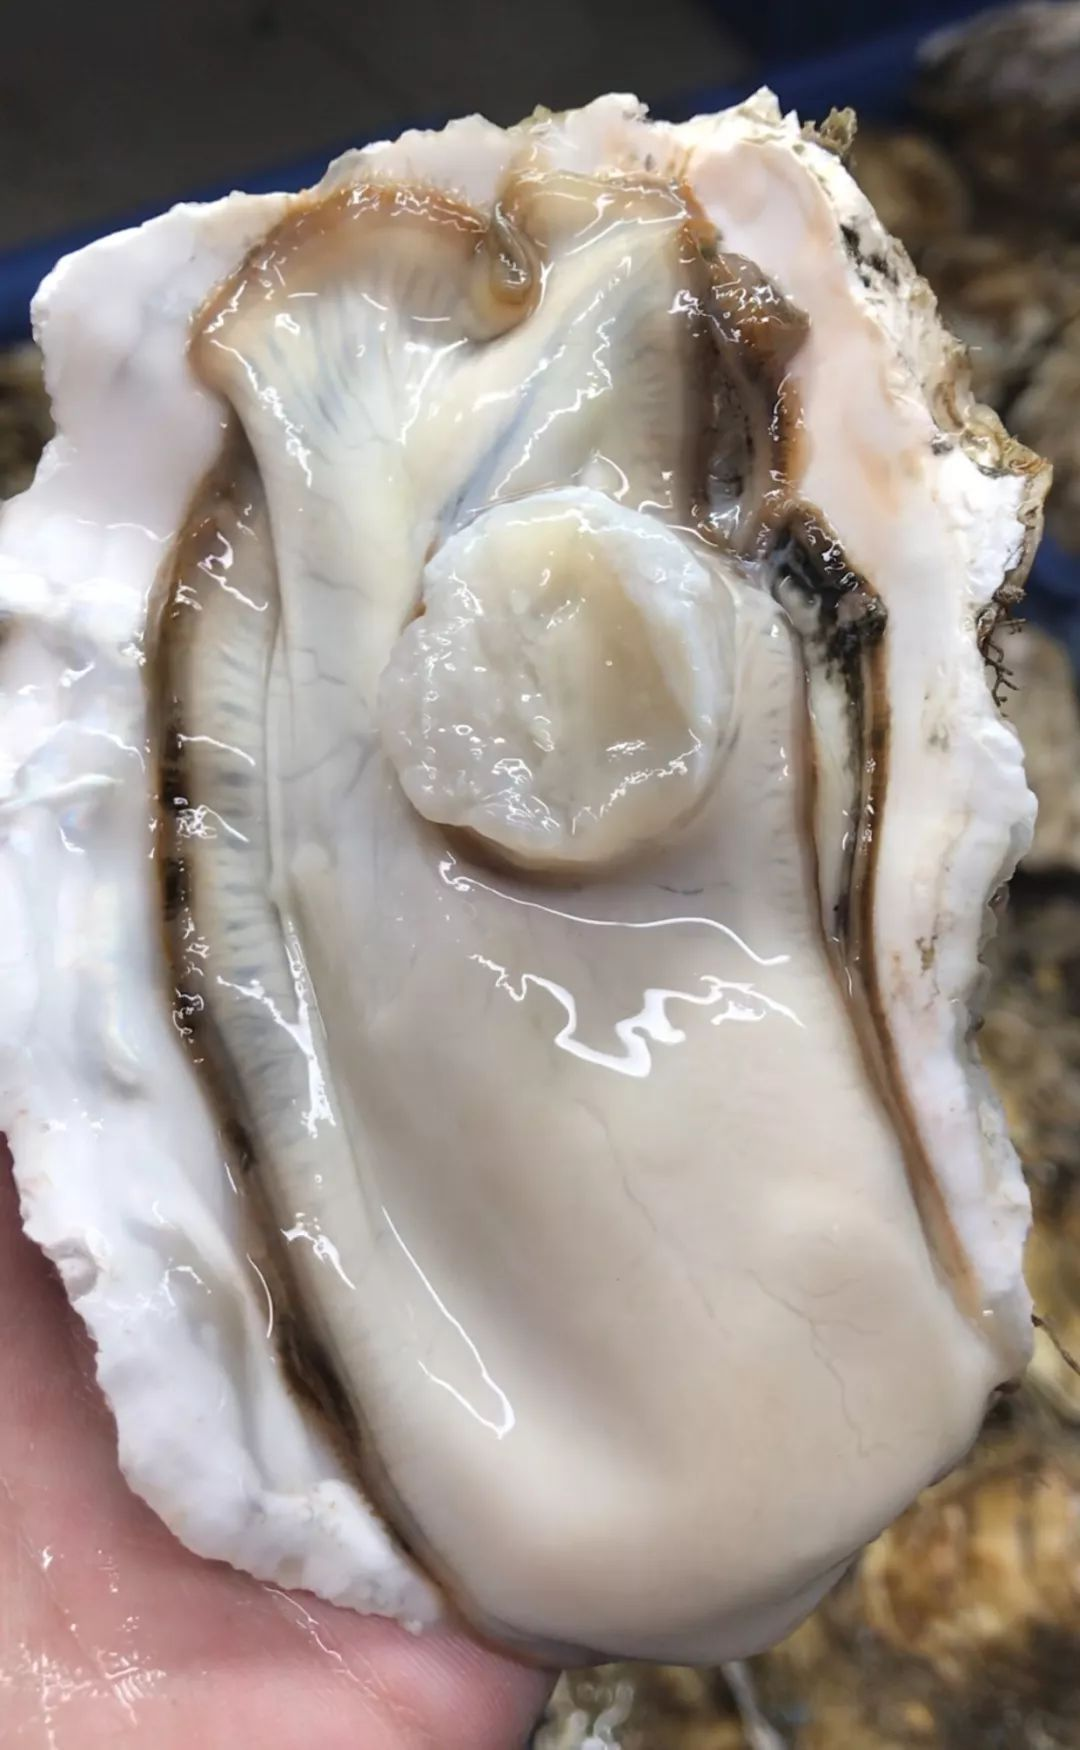 97就撸_小串一撸就是一大把,麻辣小龙虾,麻辣扇贝,腌花螺.吃啥有啥!